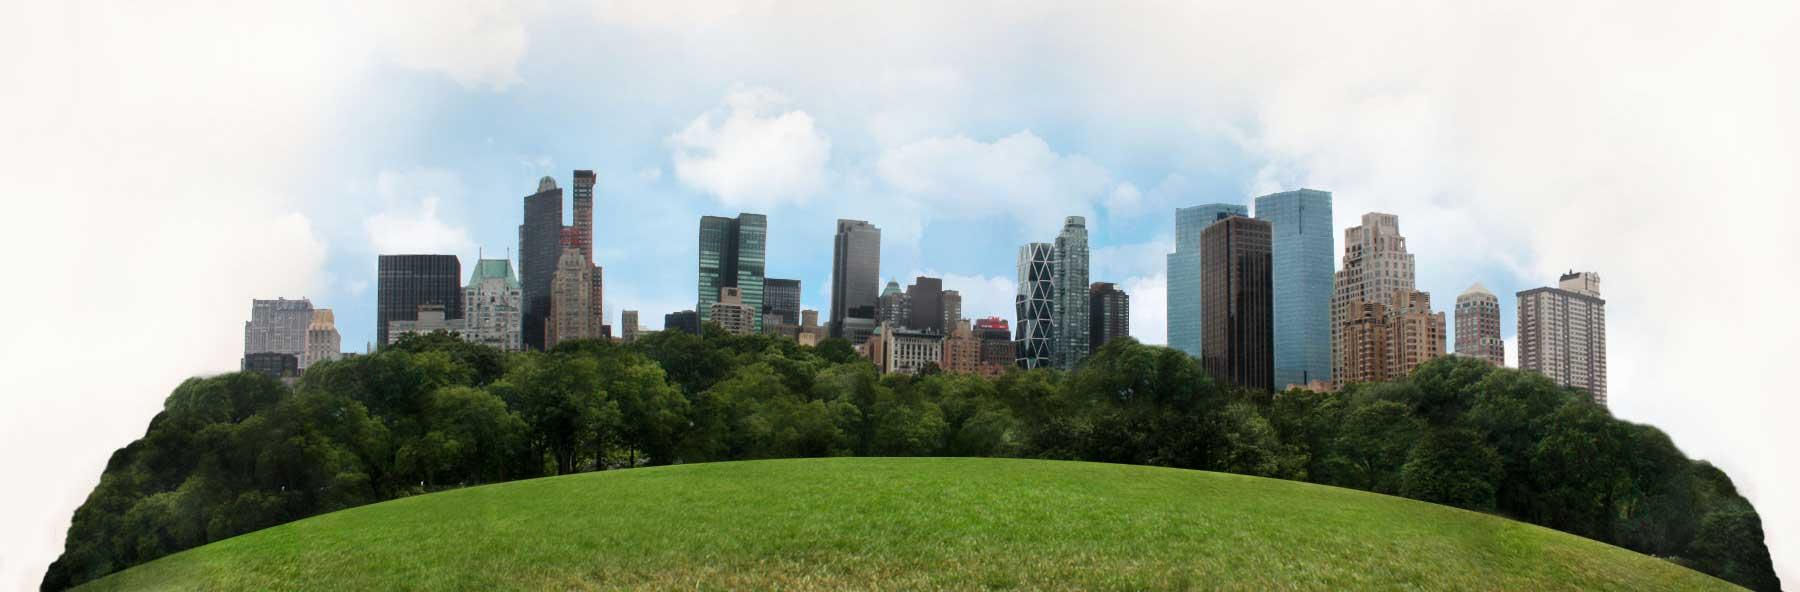 NYC skyline.